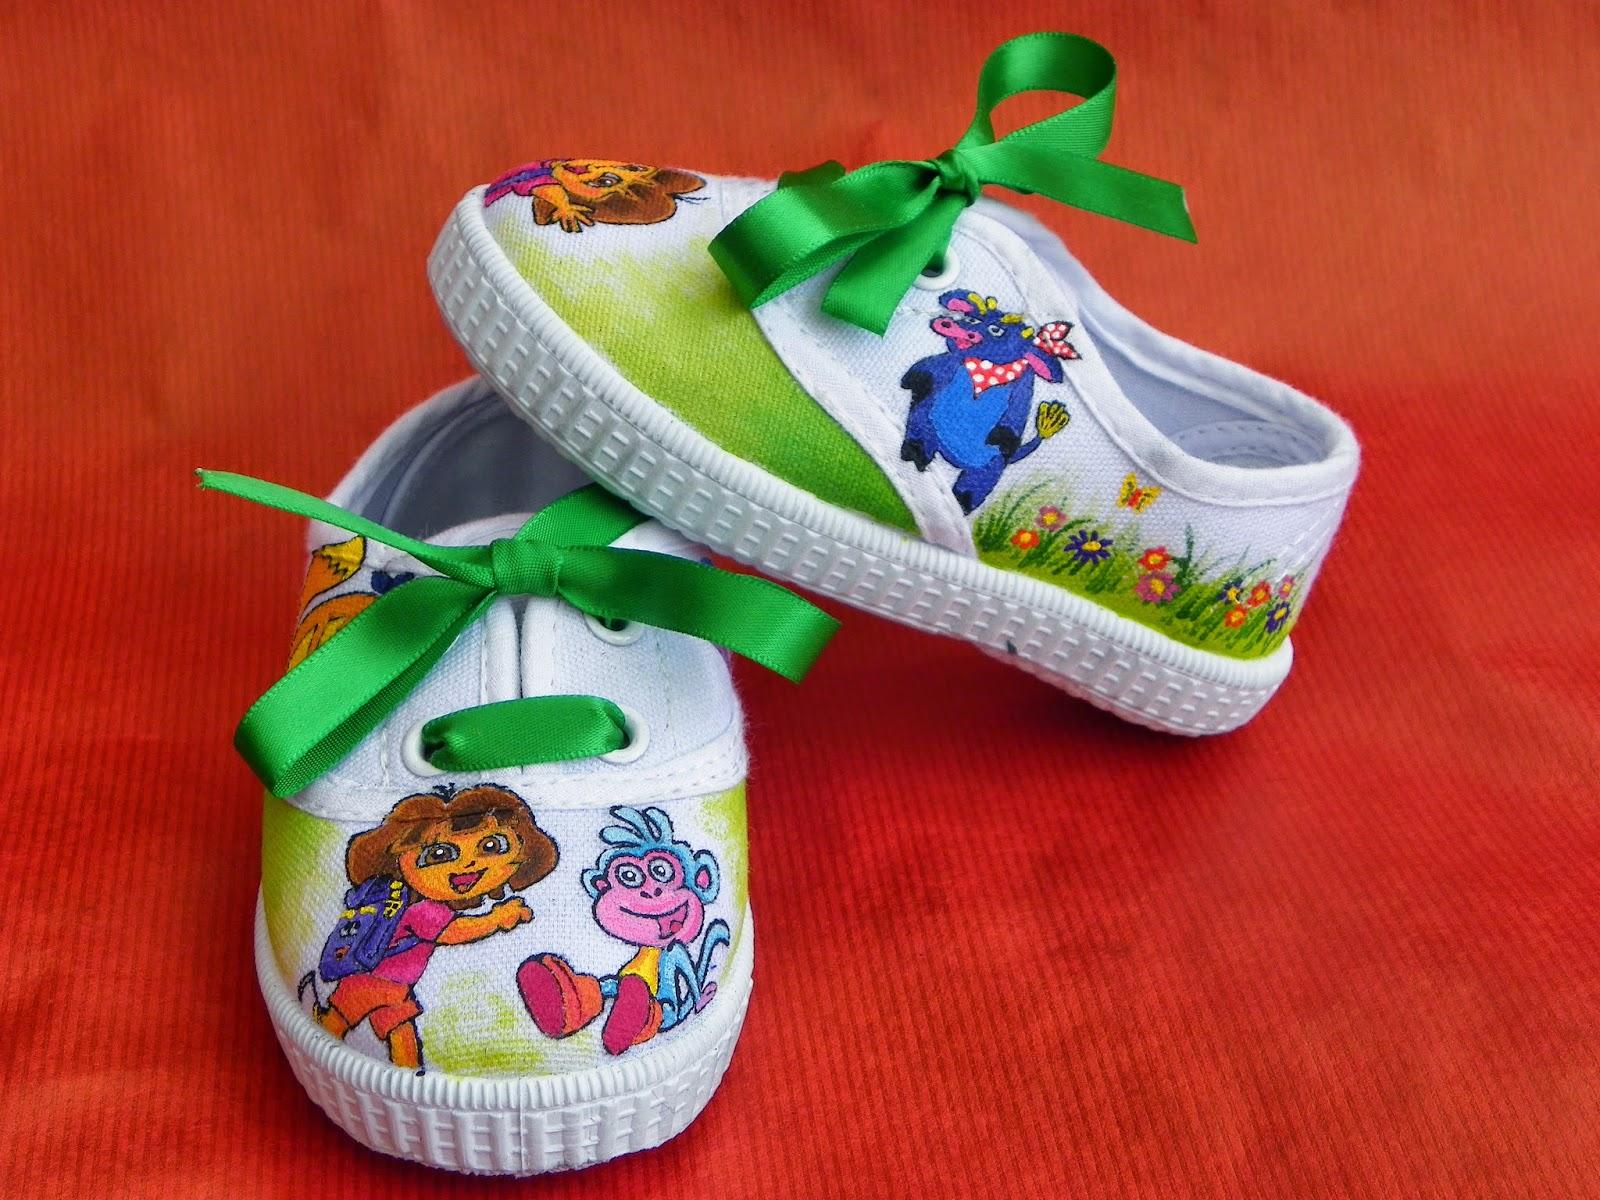 imagenes de zapatillas de niñas - imagenes de zapatillas | Zapatos de Niña La Redoute España